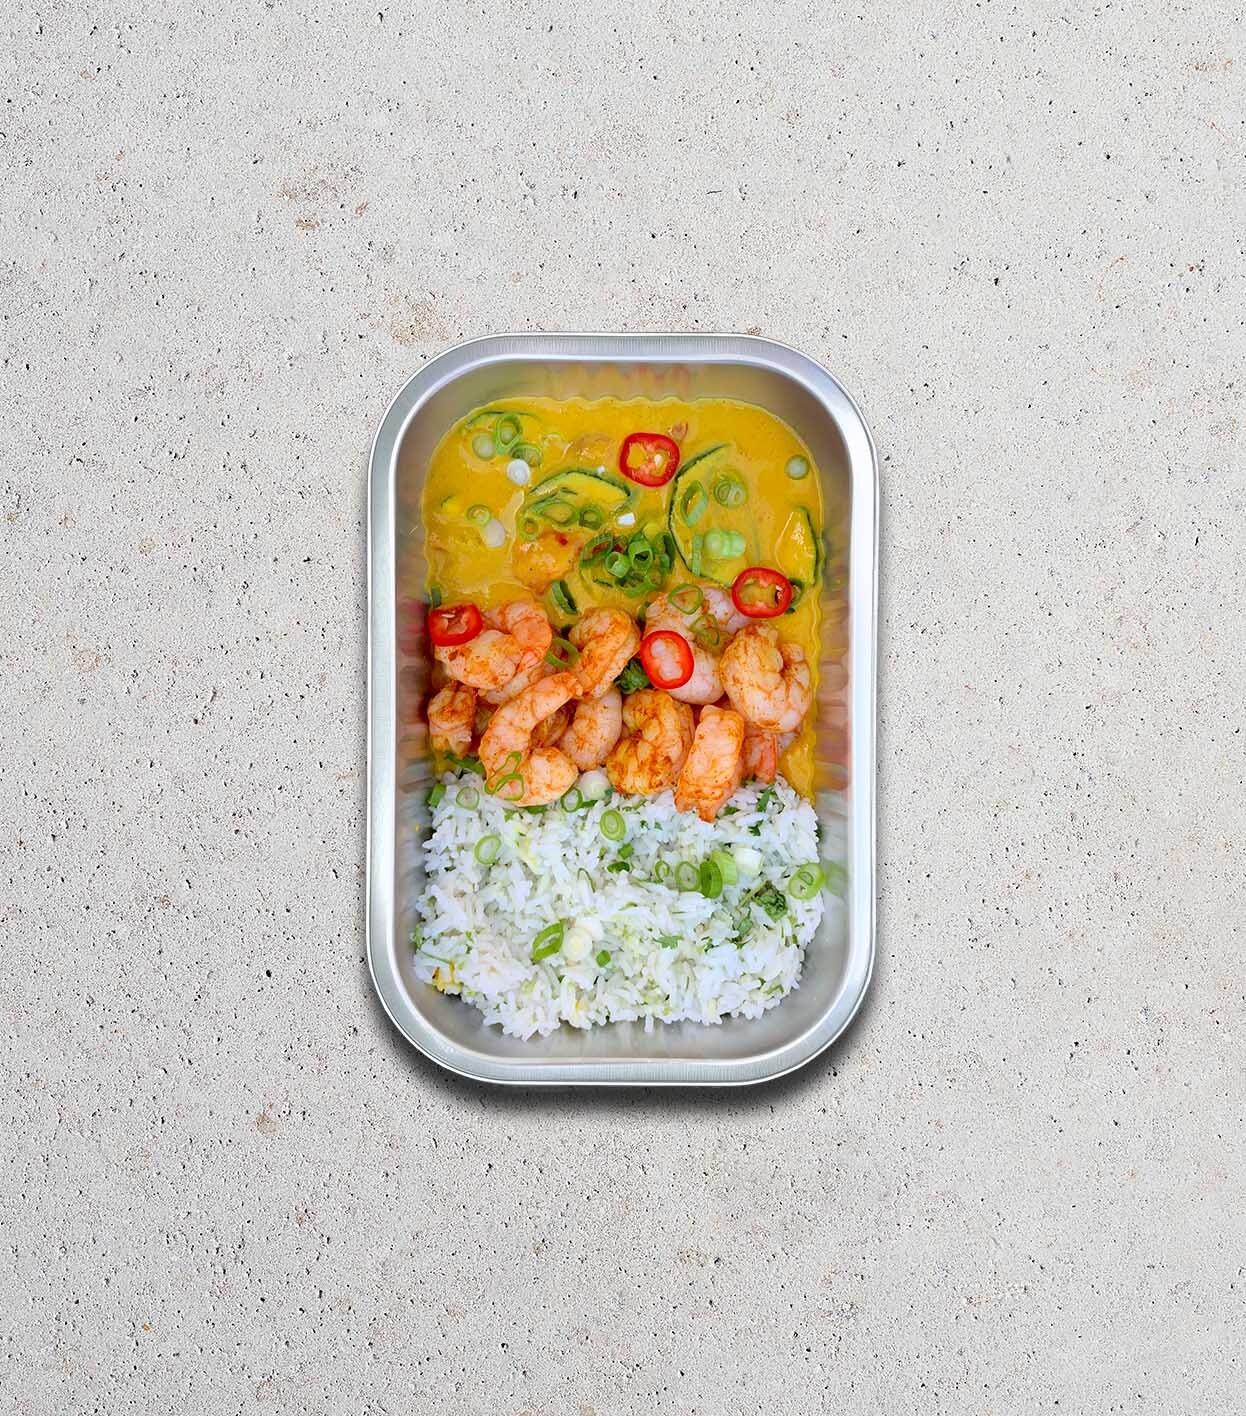 gezonde warm gerecht met gele scampi curry groenten rijst en cashewnoten in meeneemverpakking